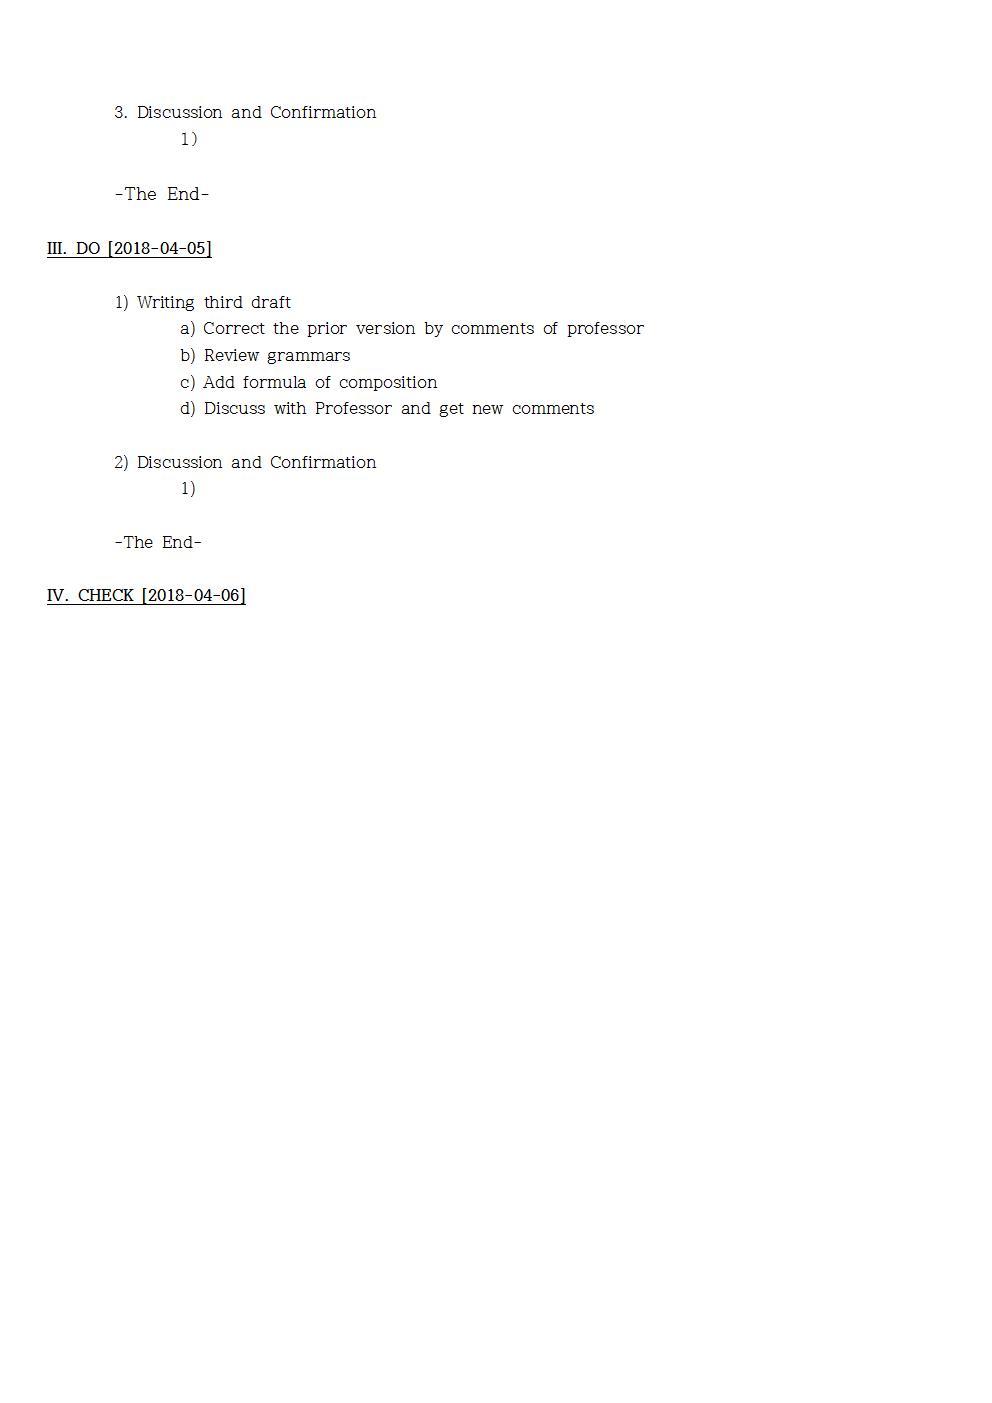 D-[18-017-PP-11]-[ER2018PRISM-Composition]-[2018-04-05]-[MR]002.jpg